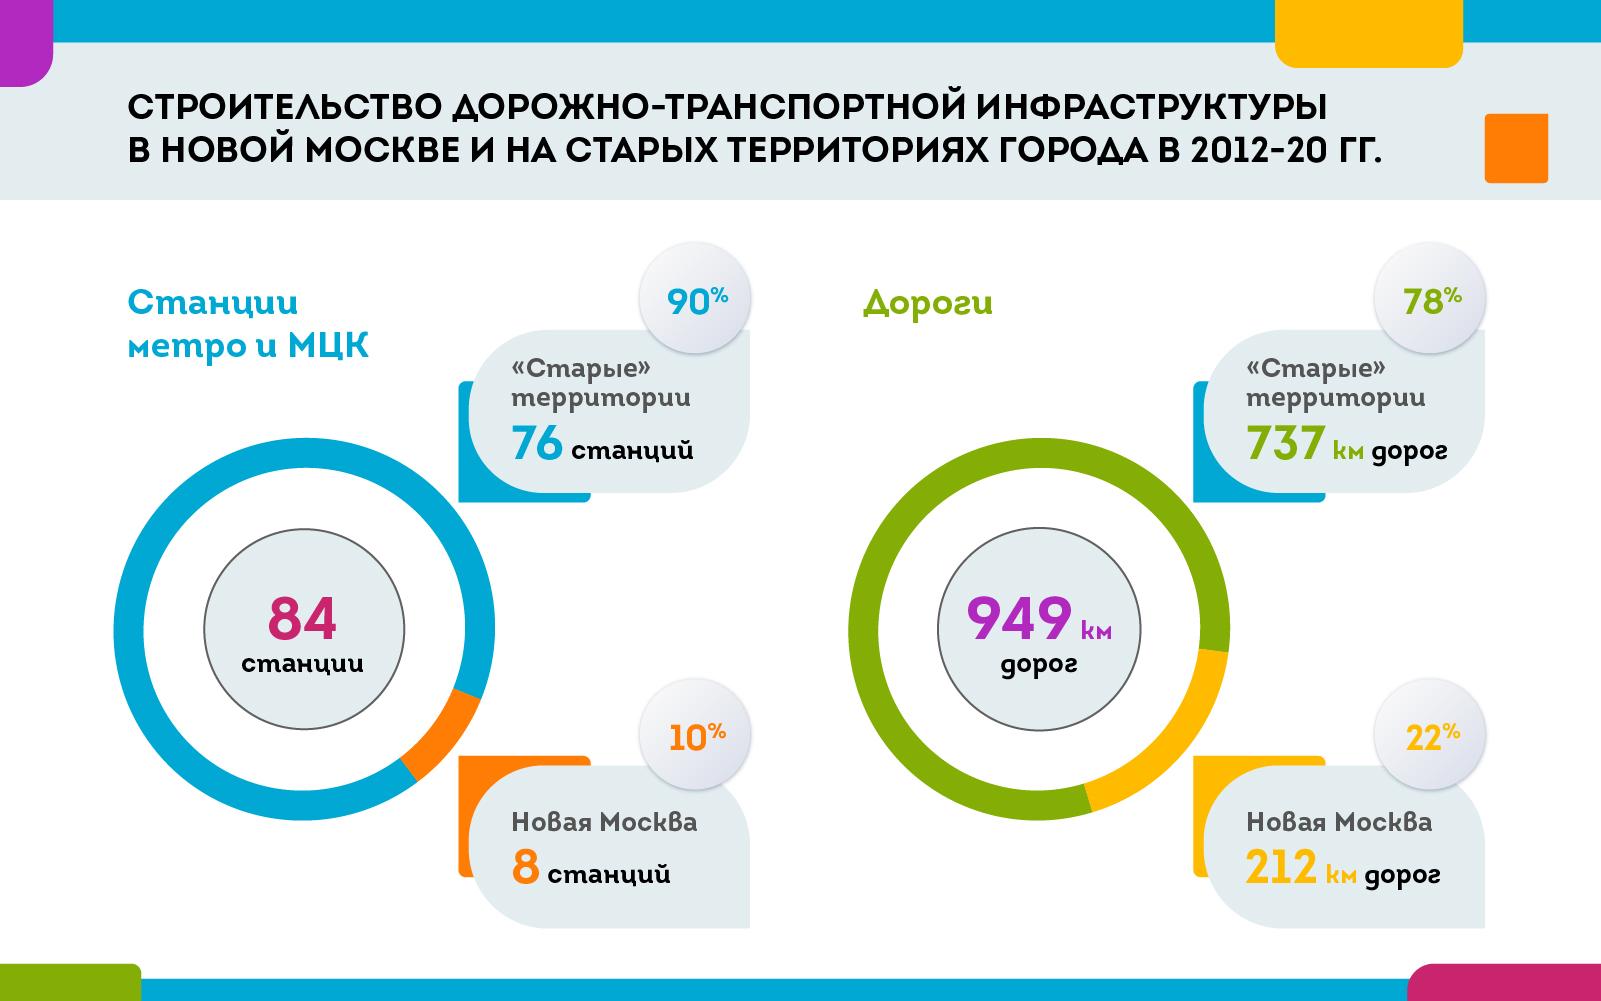 cdn.sobyanin.ru/static/img/010720-web-001020.jpg